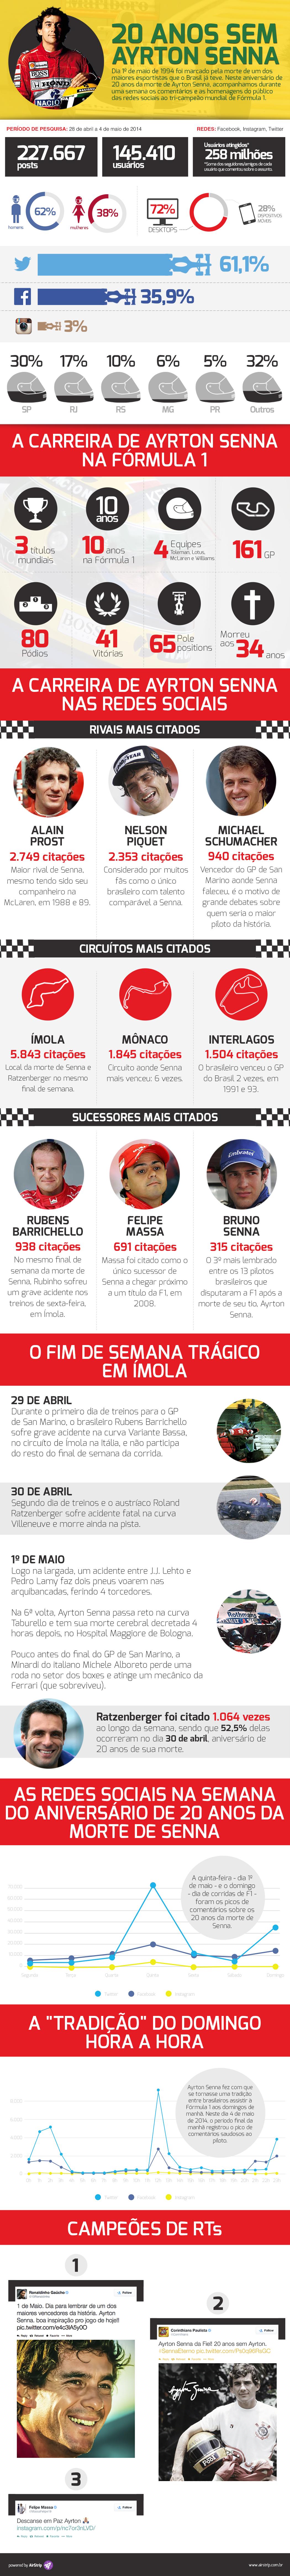 Aniversário de morte de Senna gera mais de 200 mil postagens na internet